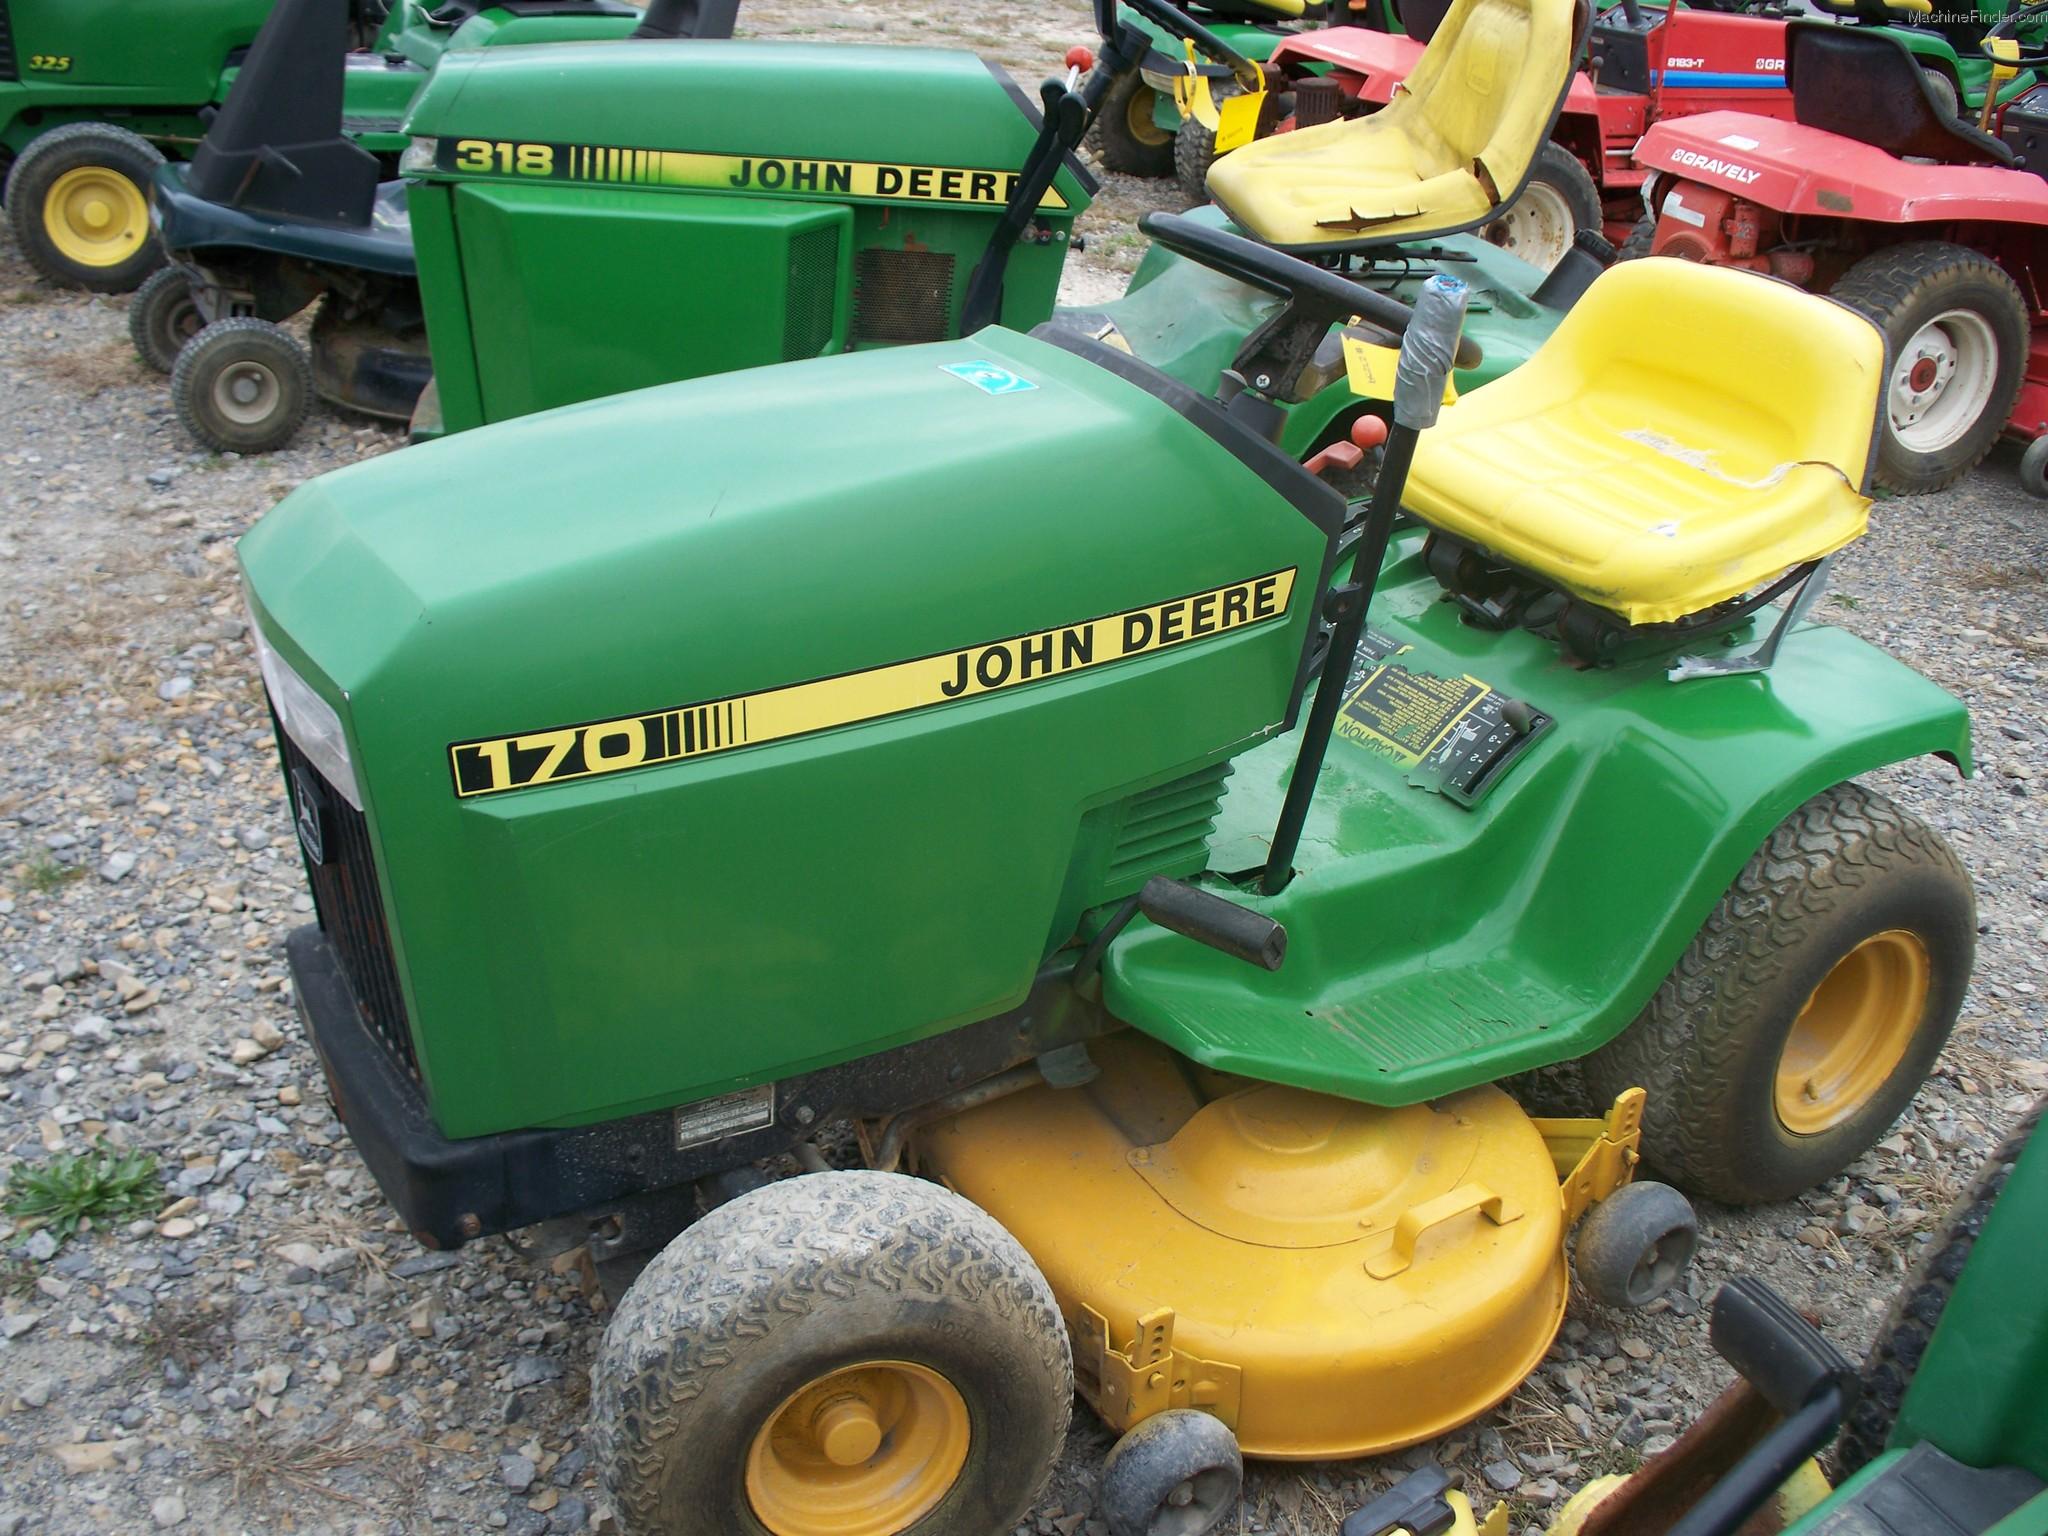 parts garden tractor deere iron old green john